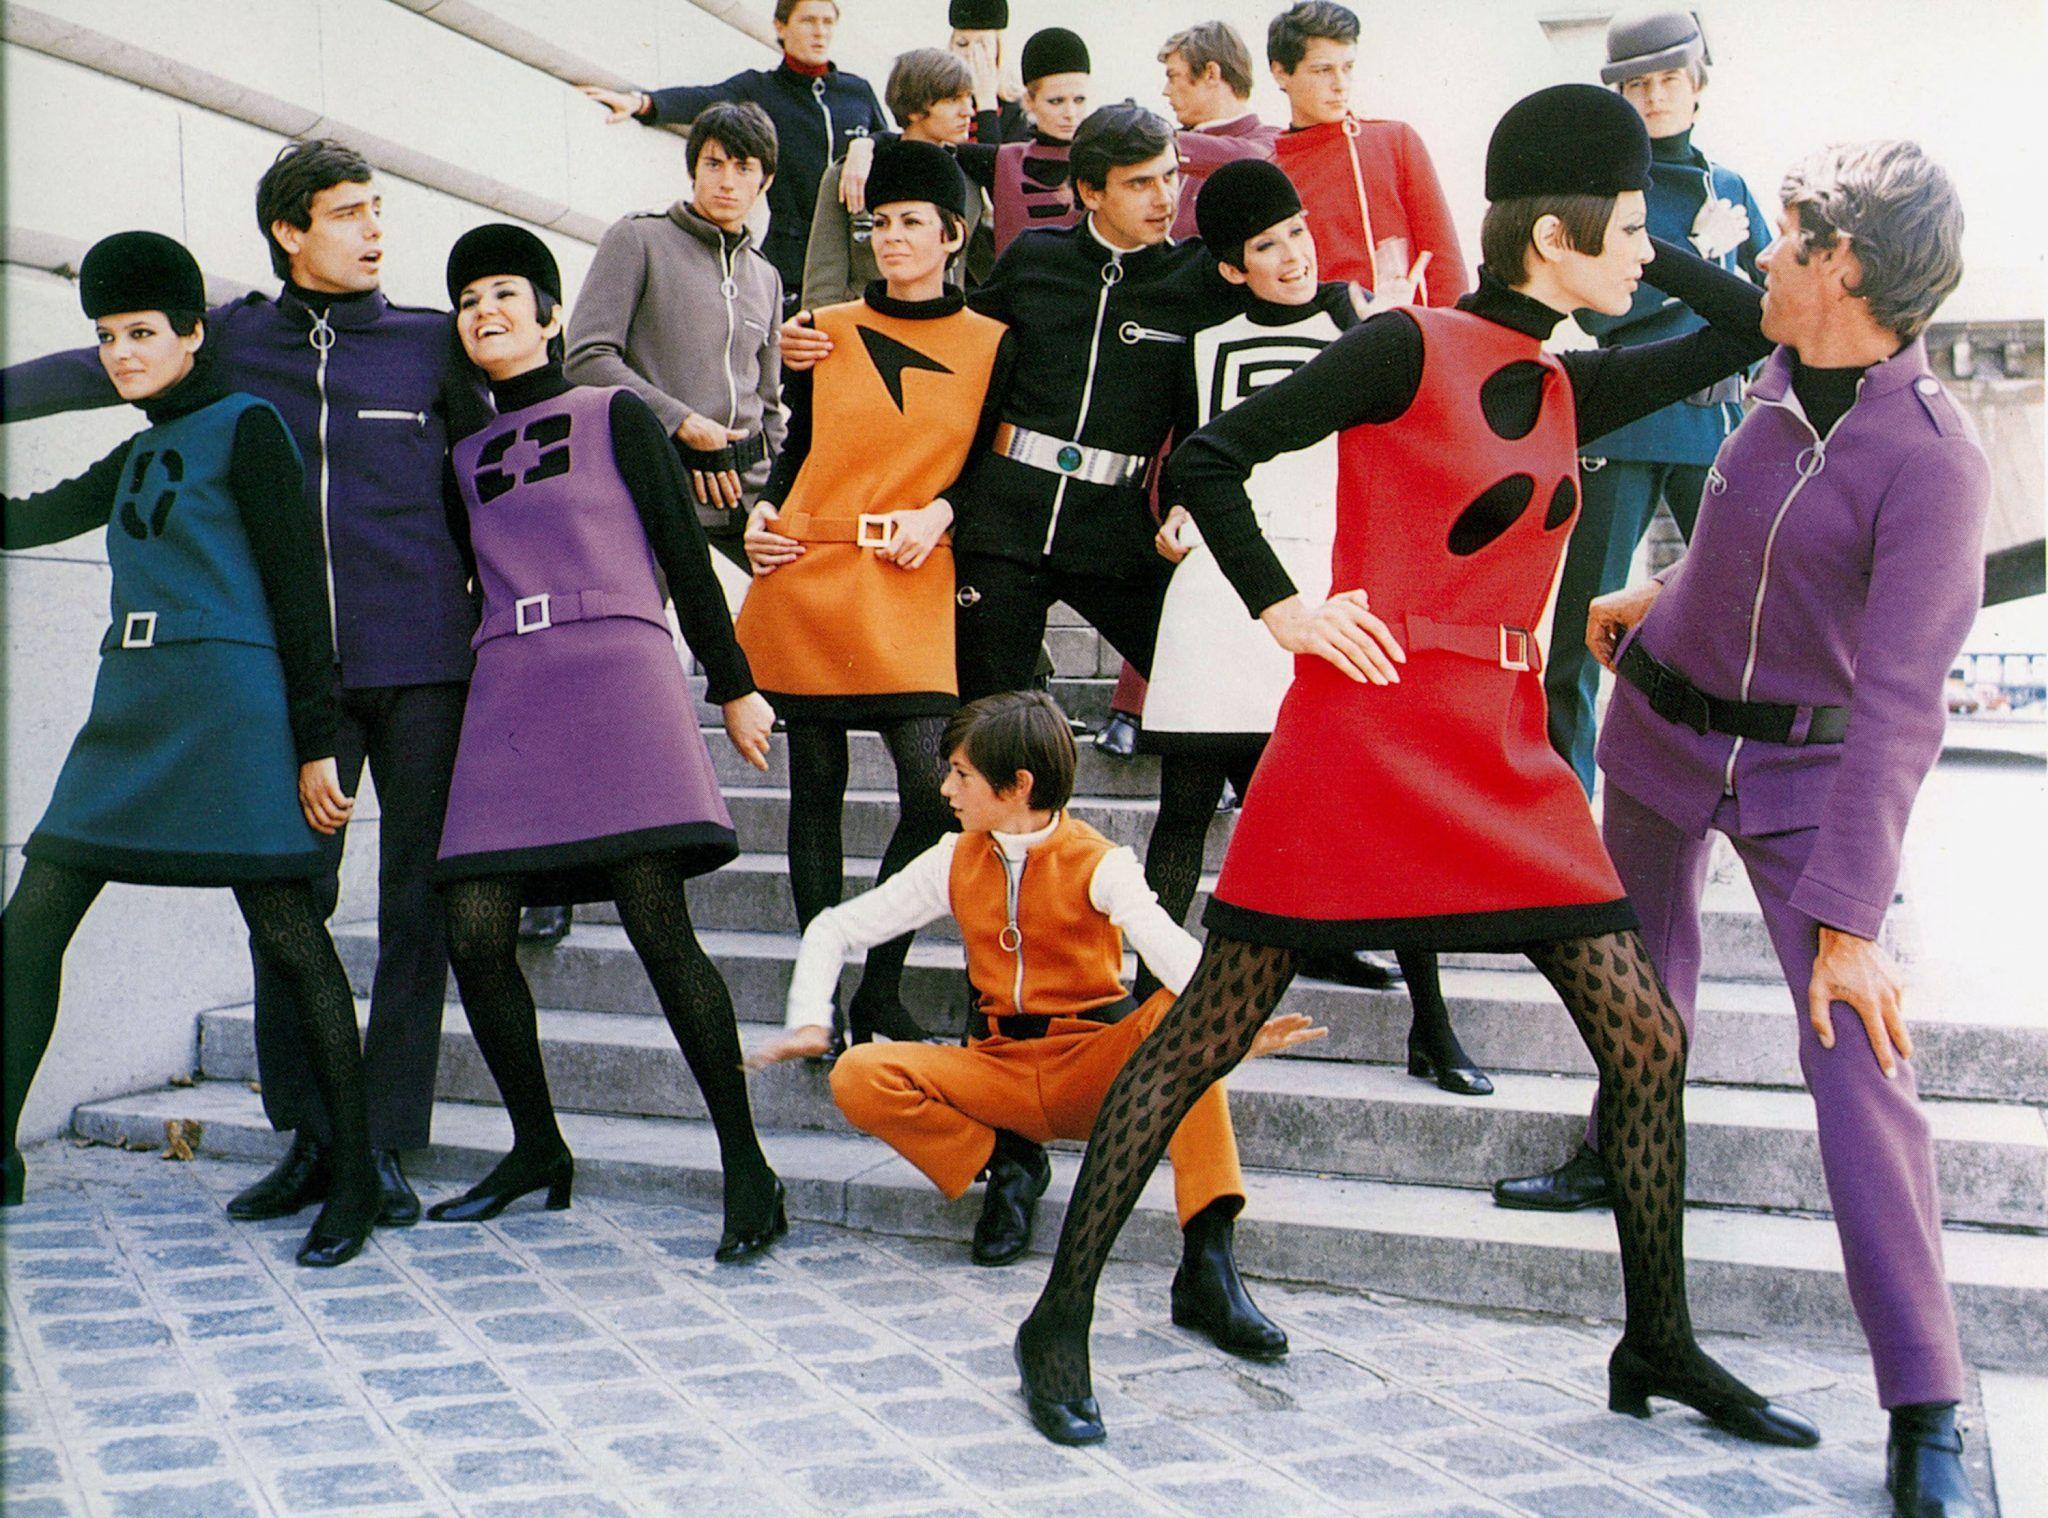 House of Cardin, a Venezia 76 è protagonista la moda che ha fatto storia